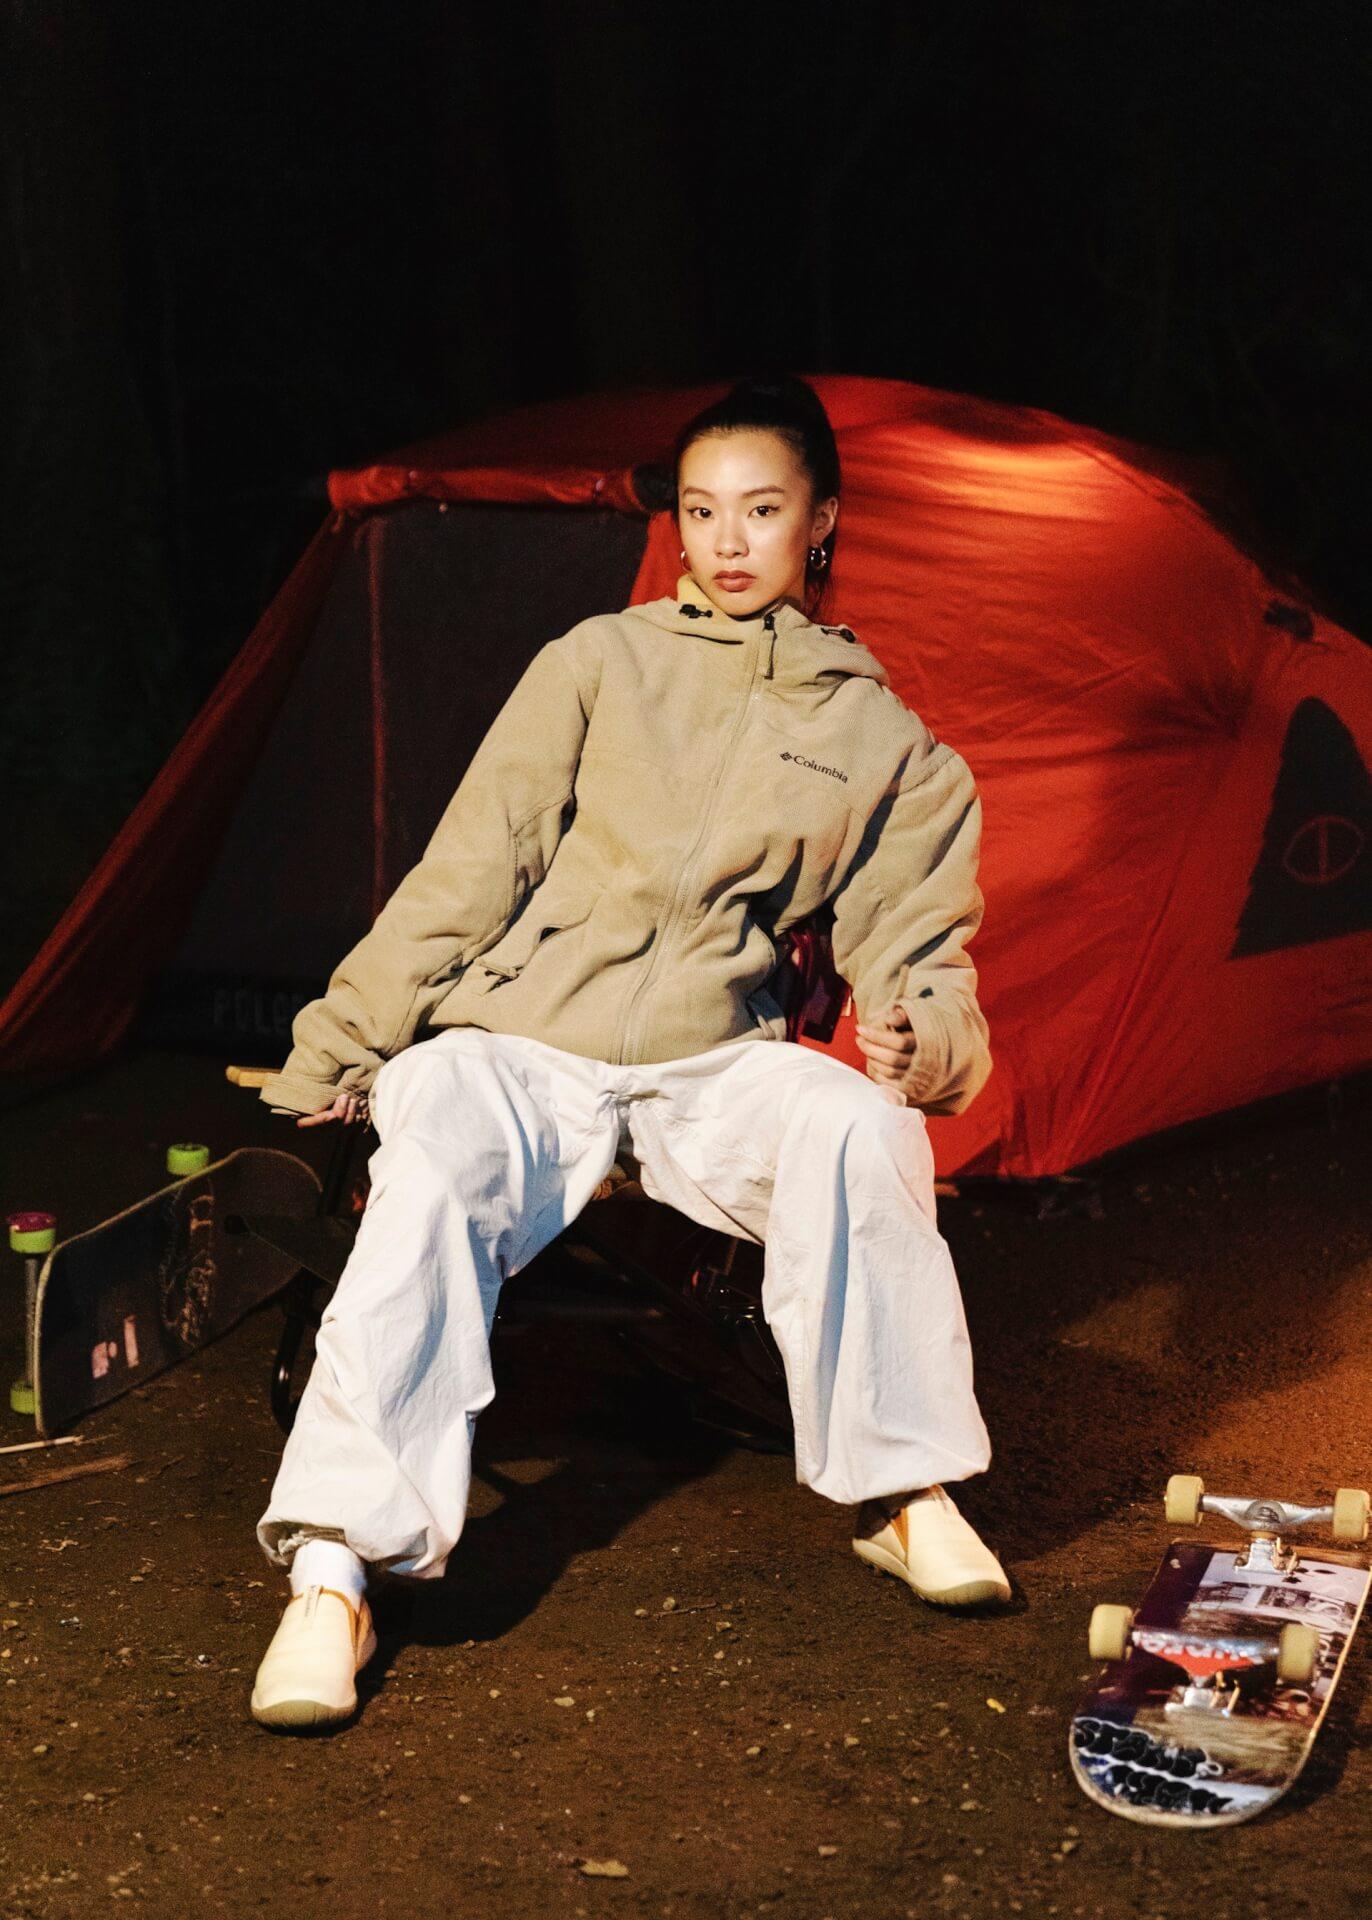 ムラサキスポーツからコロンビアとのコラボアイテム『LOMA VISTA MK CORDUROY JACKET』が発売決定!懐かしくも今らしい3色展開に fashion2020109_columbia_4